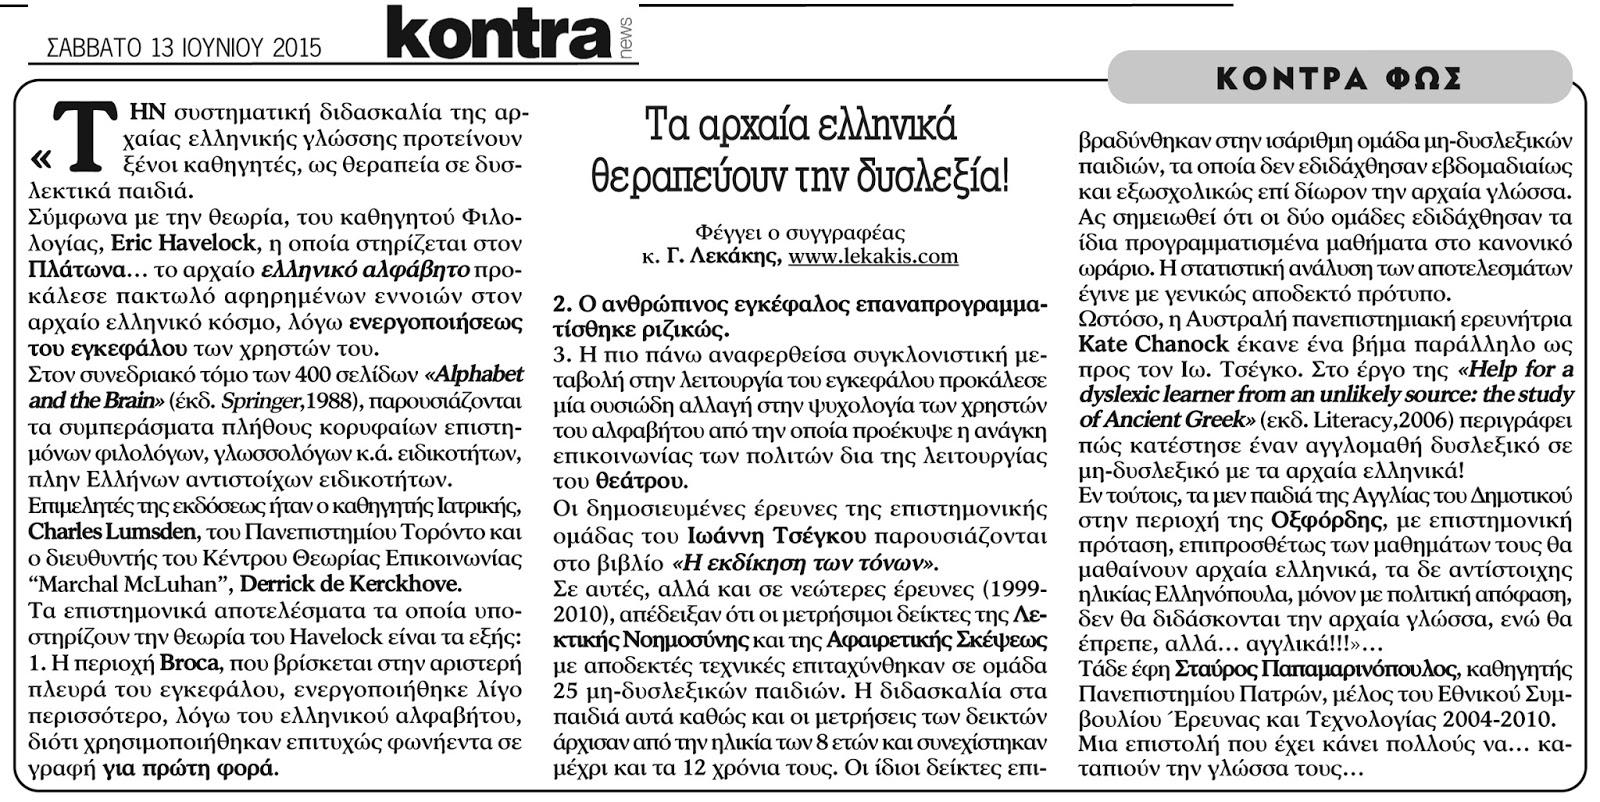 Τα αρχαία ελληνικά θεραπεύουν την δυσλεξία